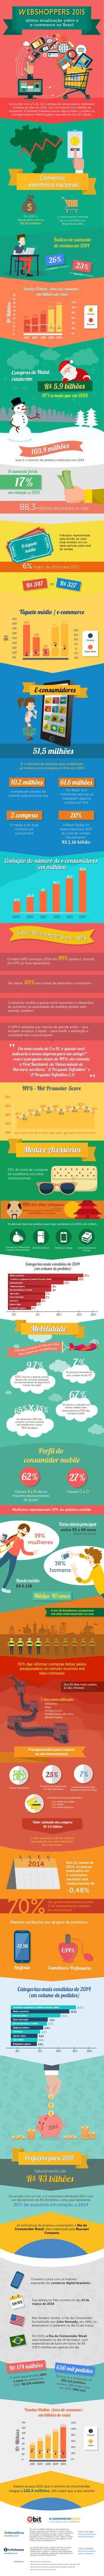 Infográfico: Última Atualização Sobre o E-Commerce 2015